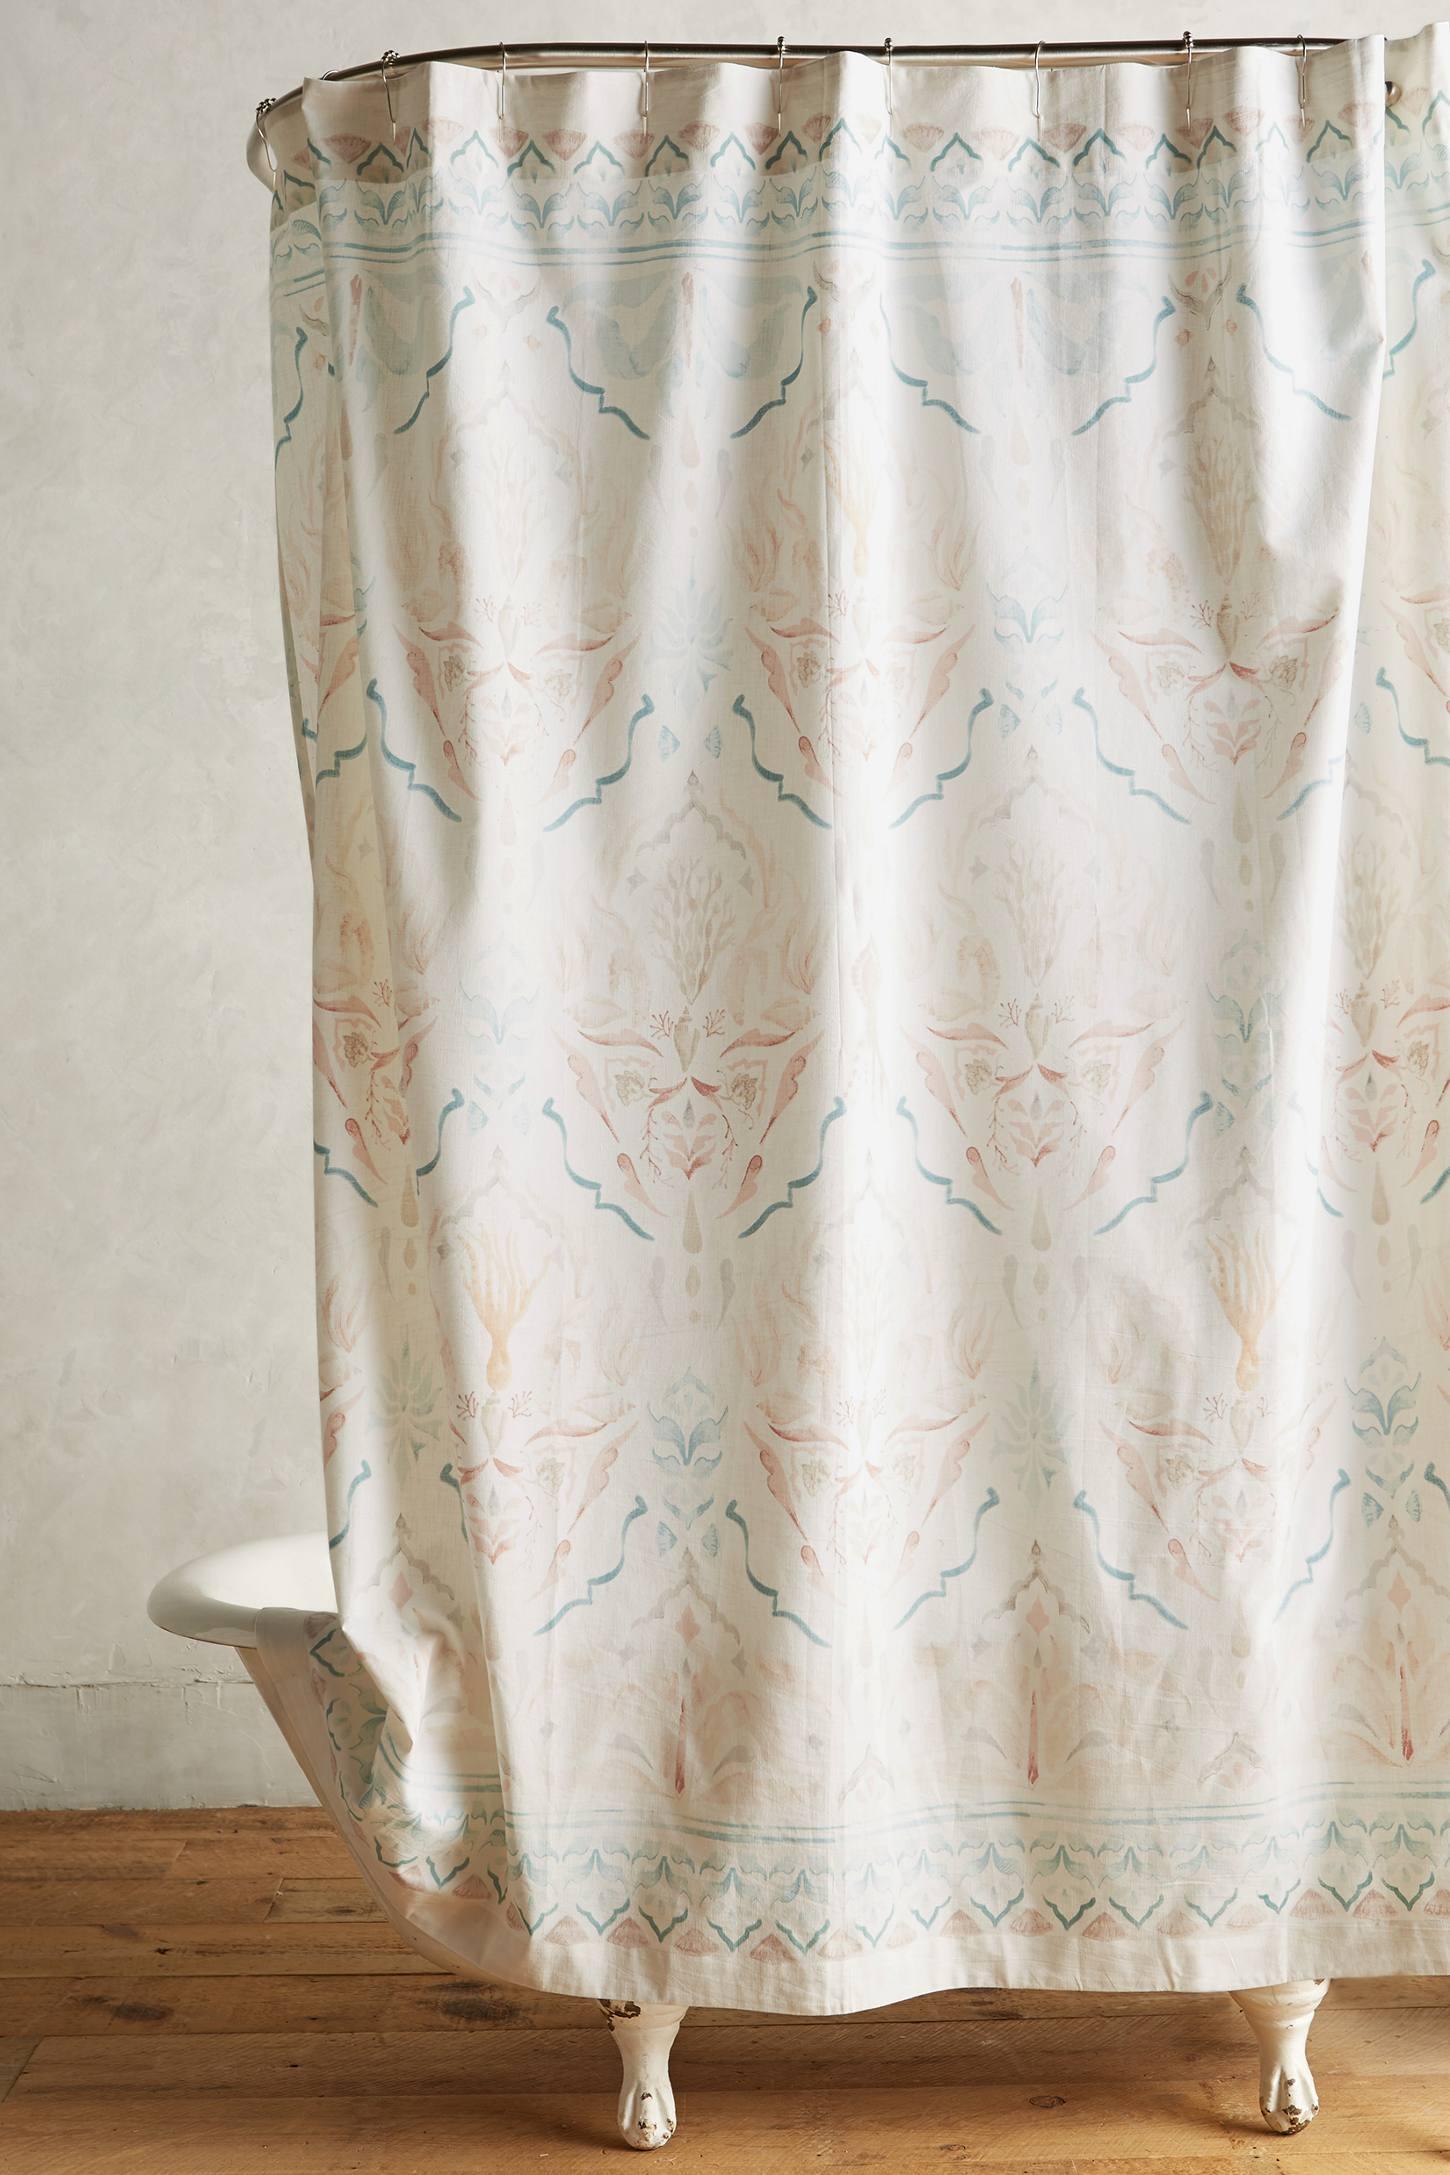 Emmelot Shower Curtain Anthropologie